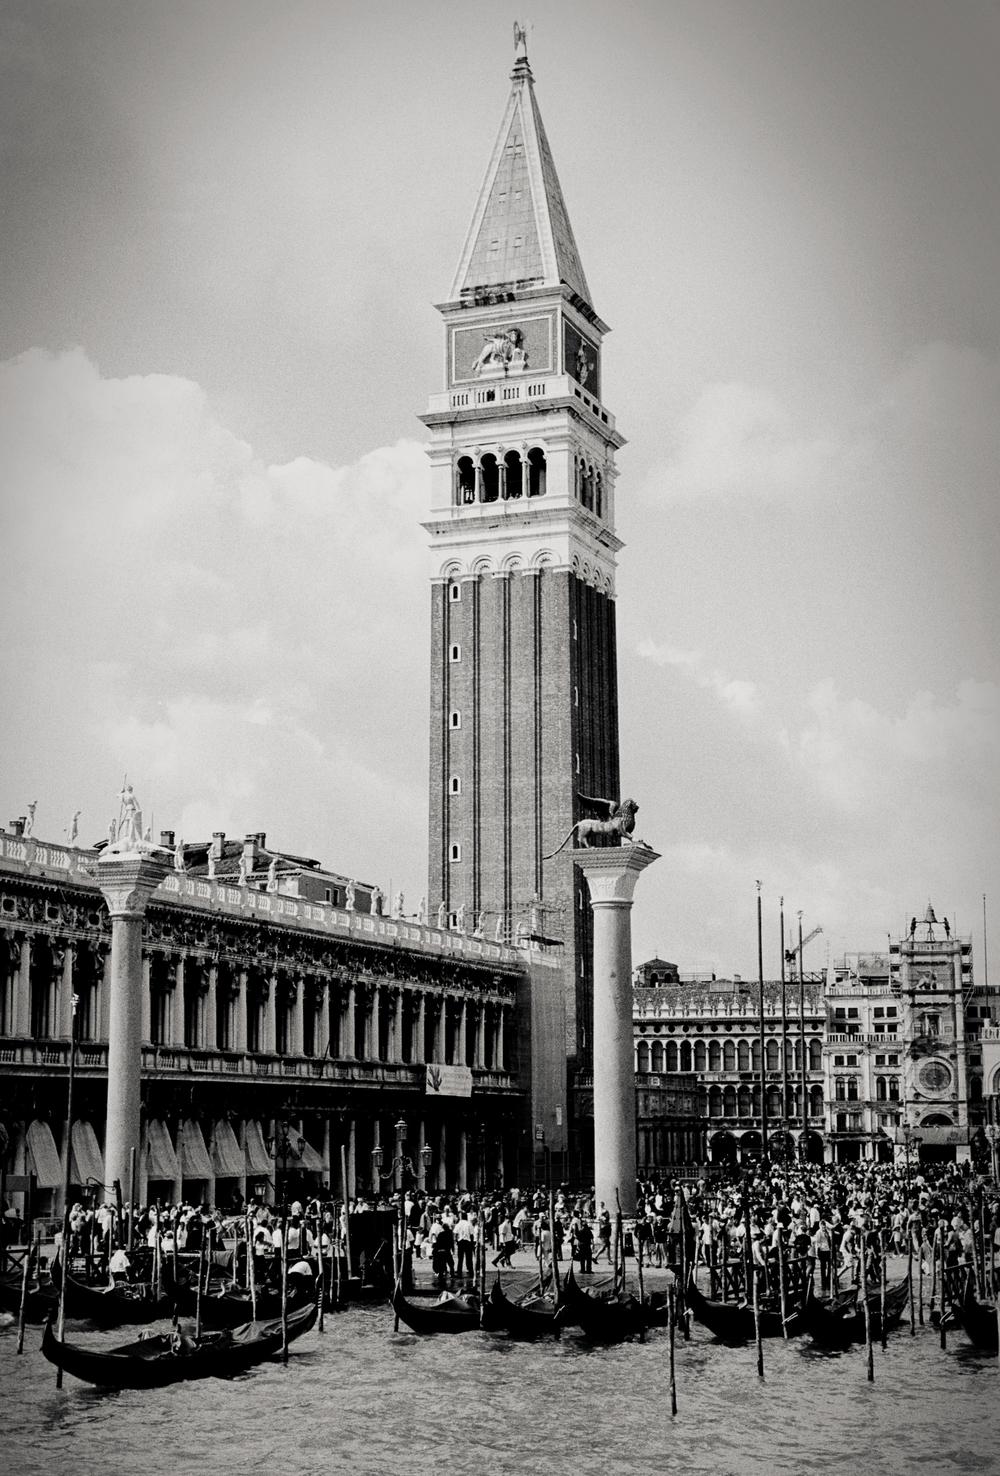 San Marco Campanile, Venice, Italy 2001.